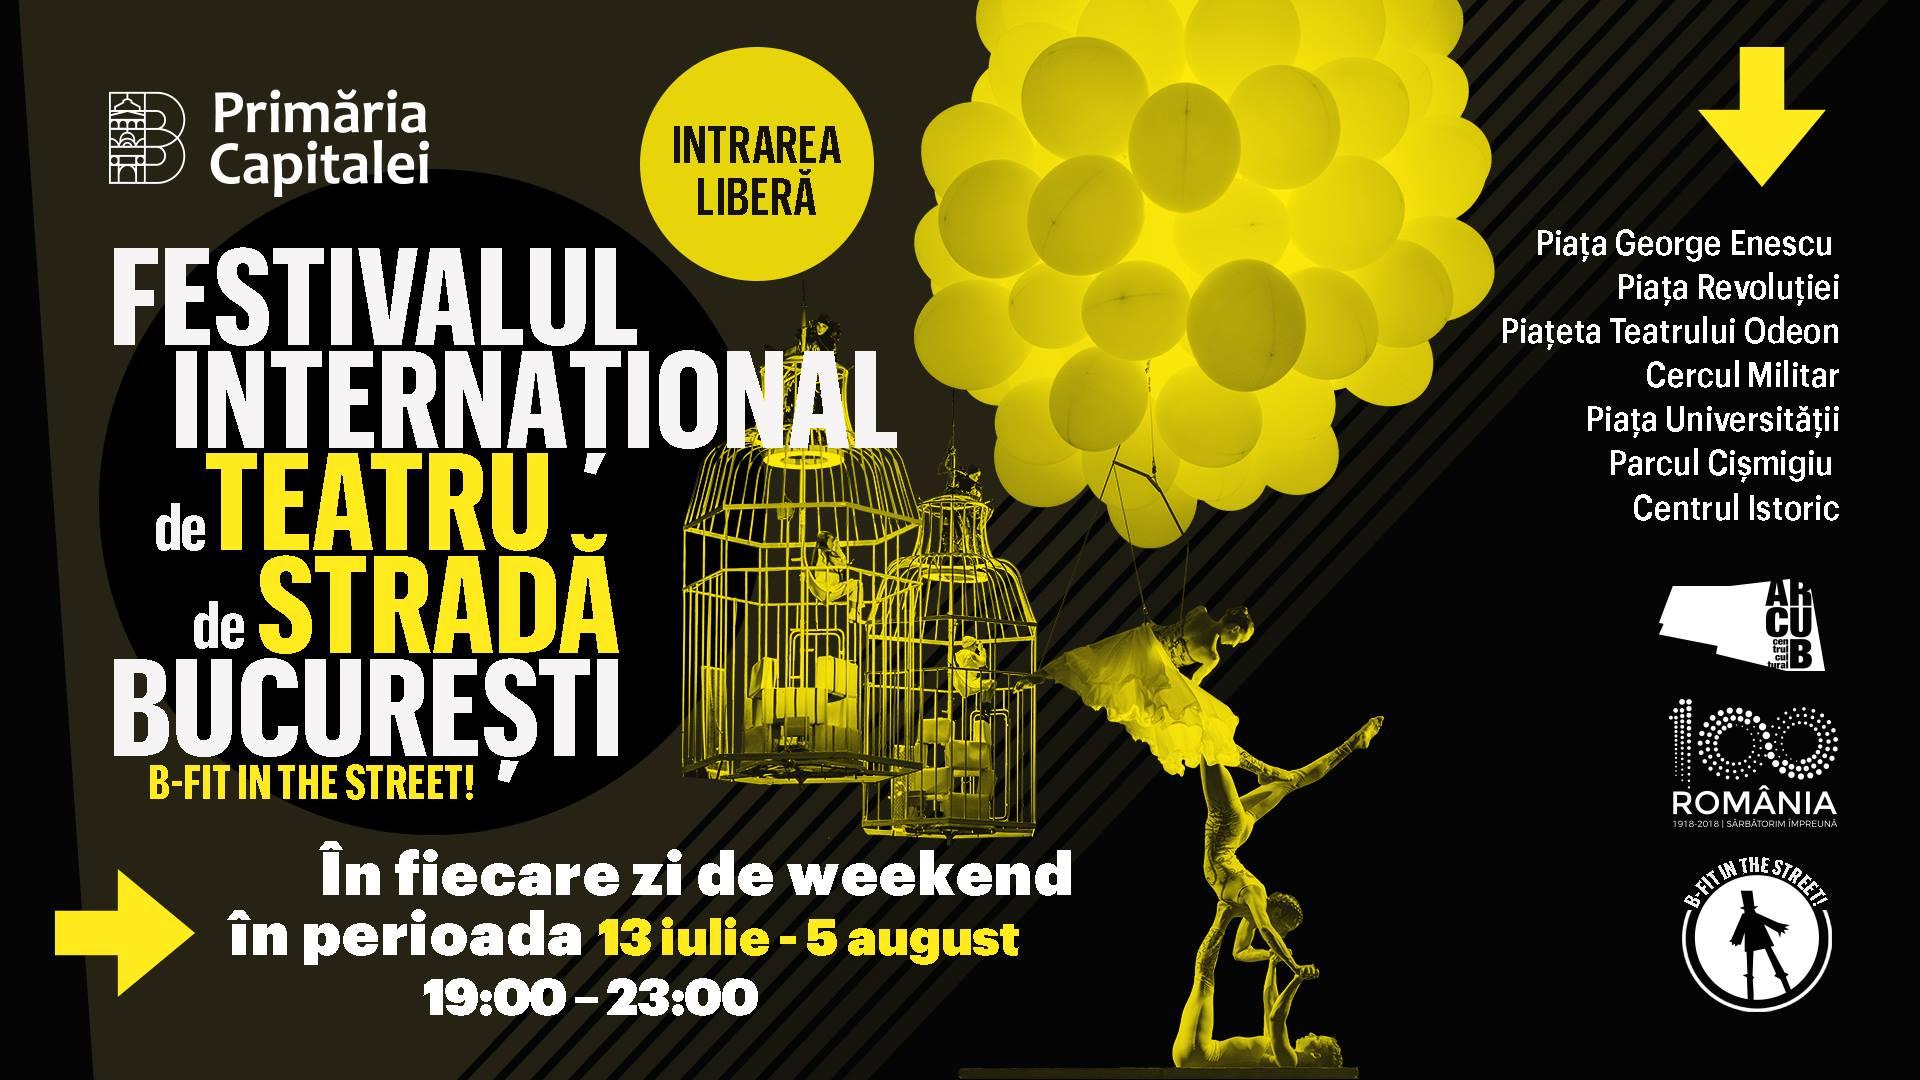 Festivalul Internațional de Teatru de Stradă București 2018